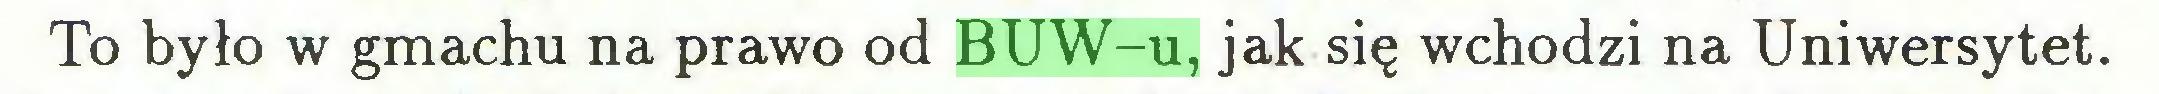 (...) To było w gmachu na prawo od BUW-u, jak się wchodzi na Uniwersytet...